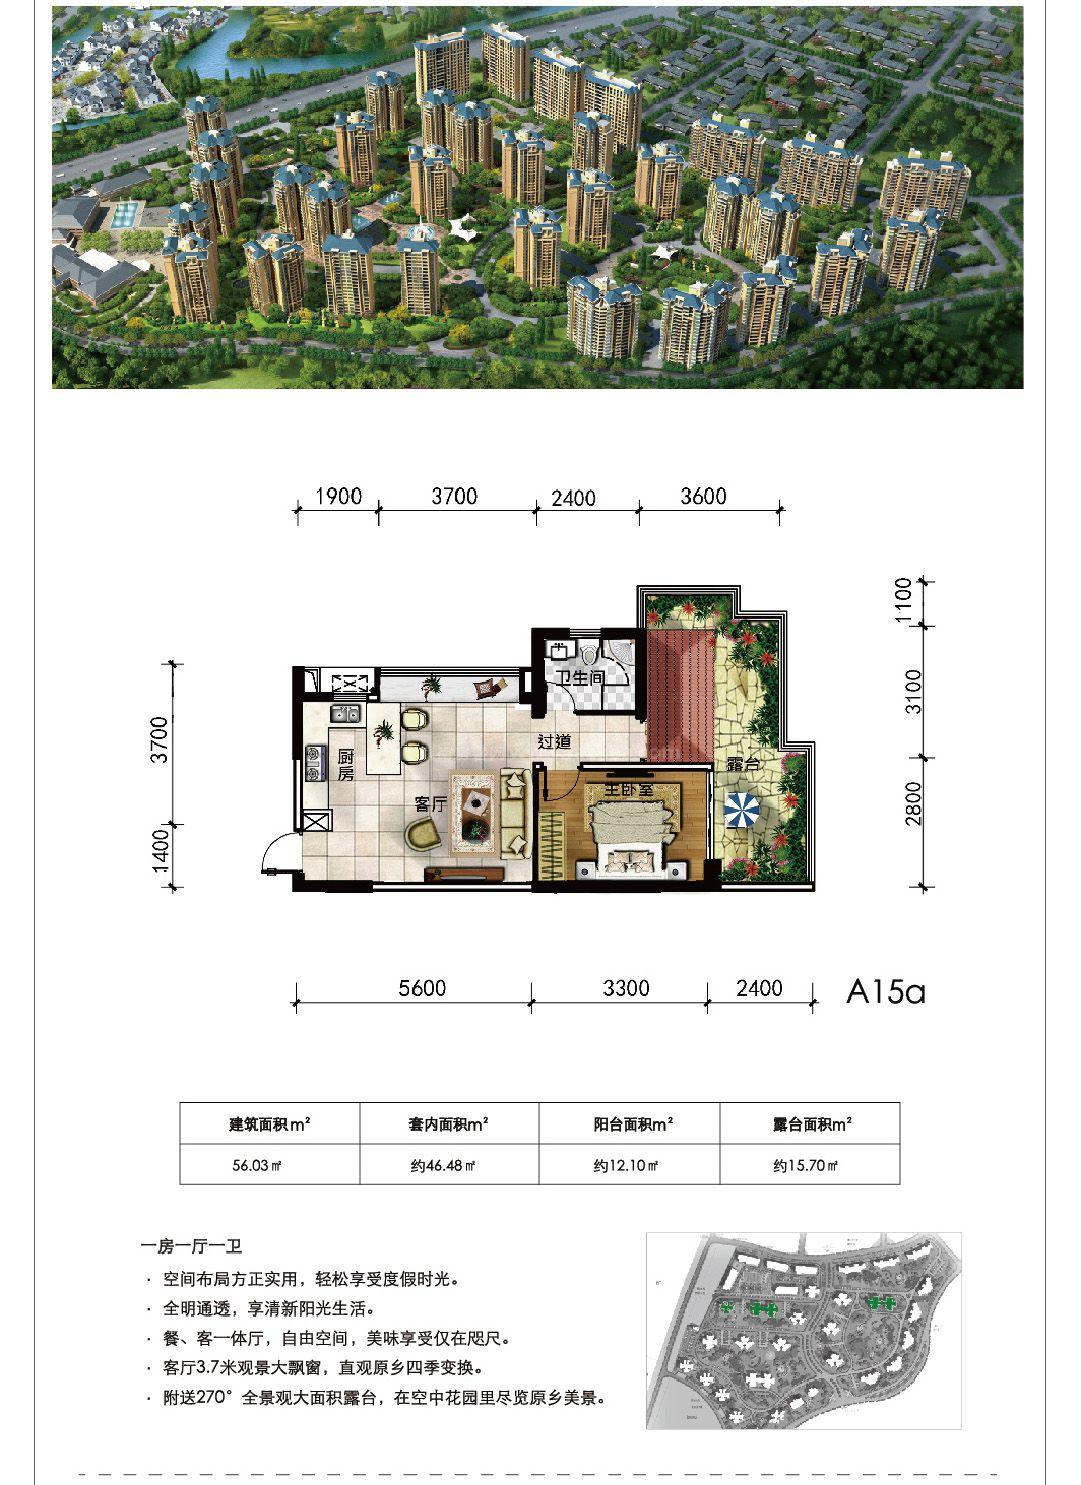 山居高黎洋房A15a户型 1室1厅1卫1厨 建筑面积:56.03㎡